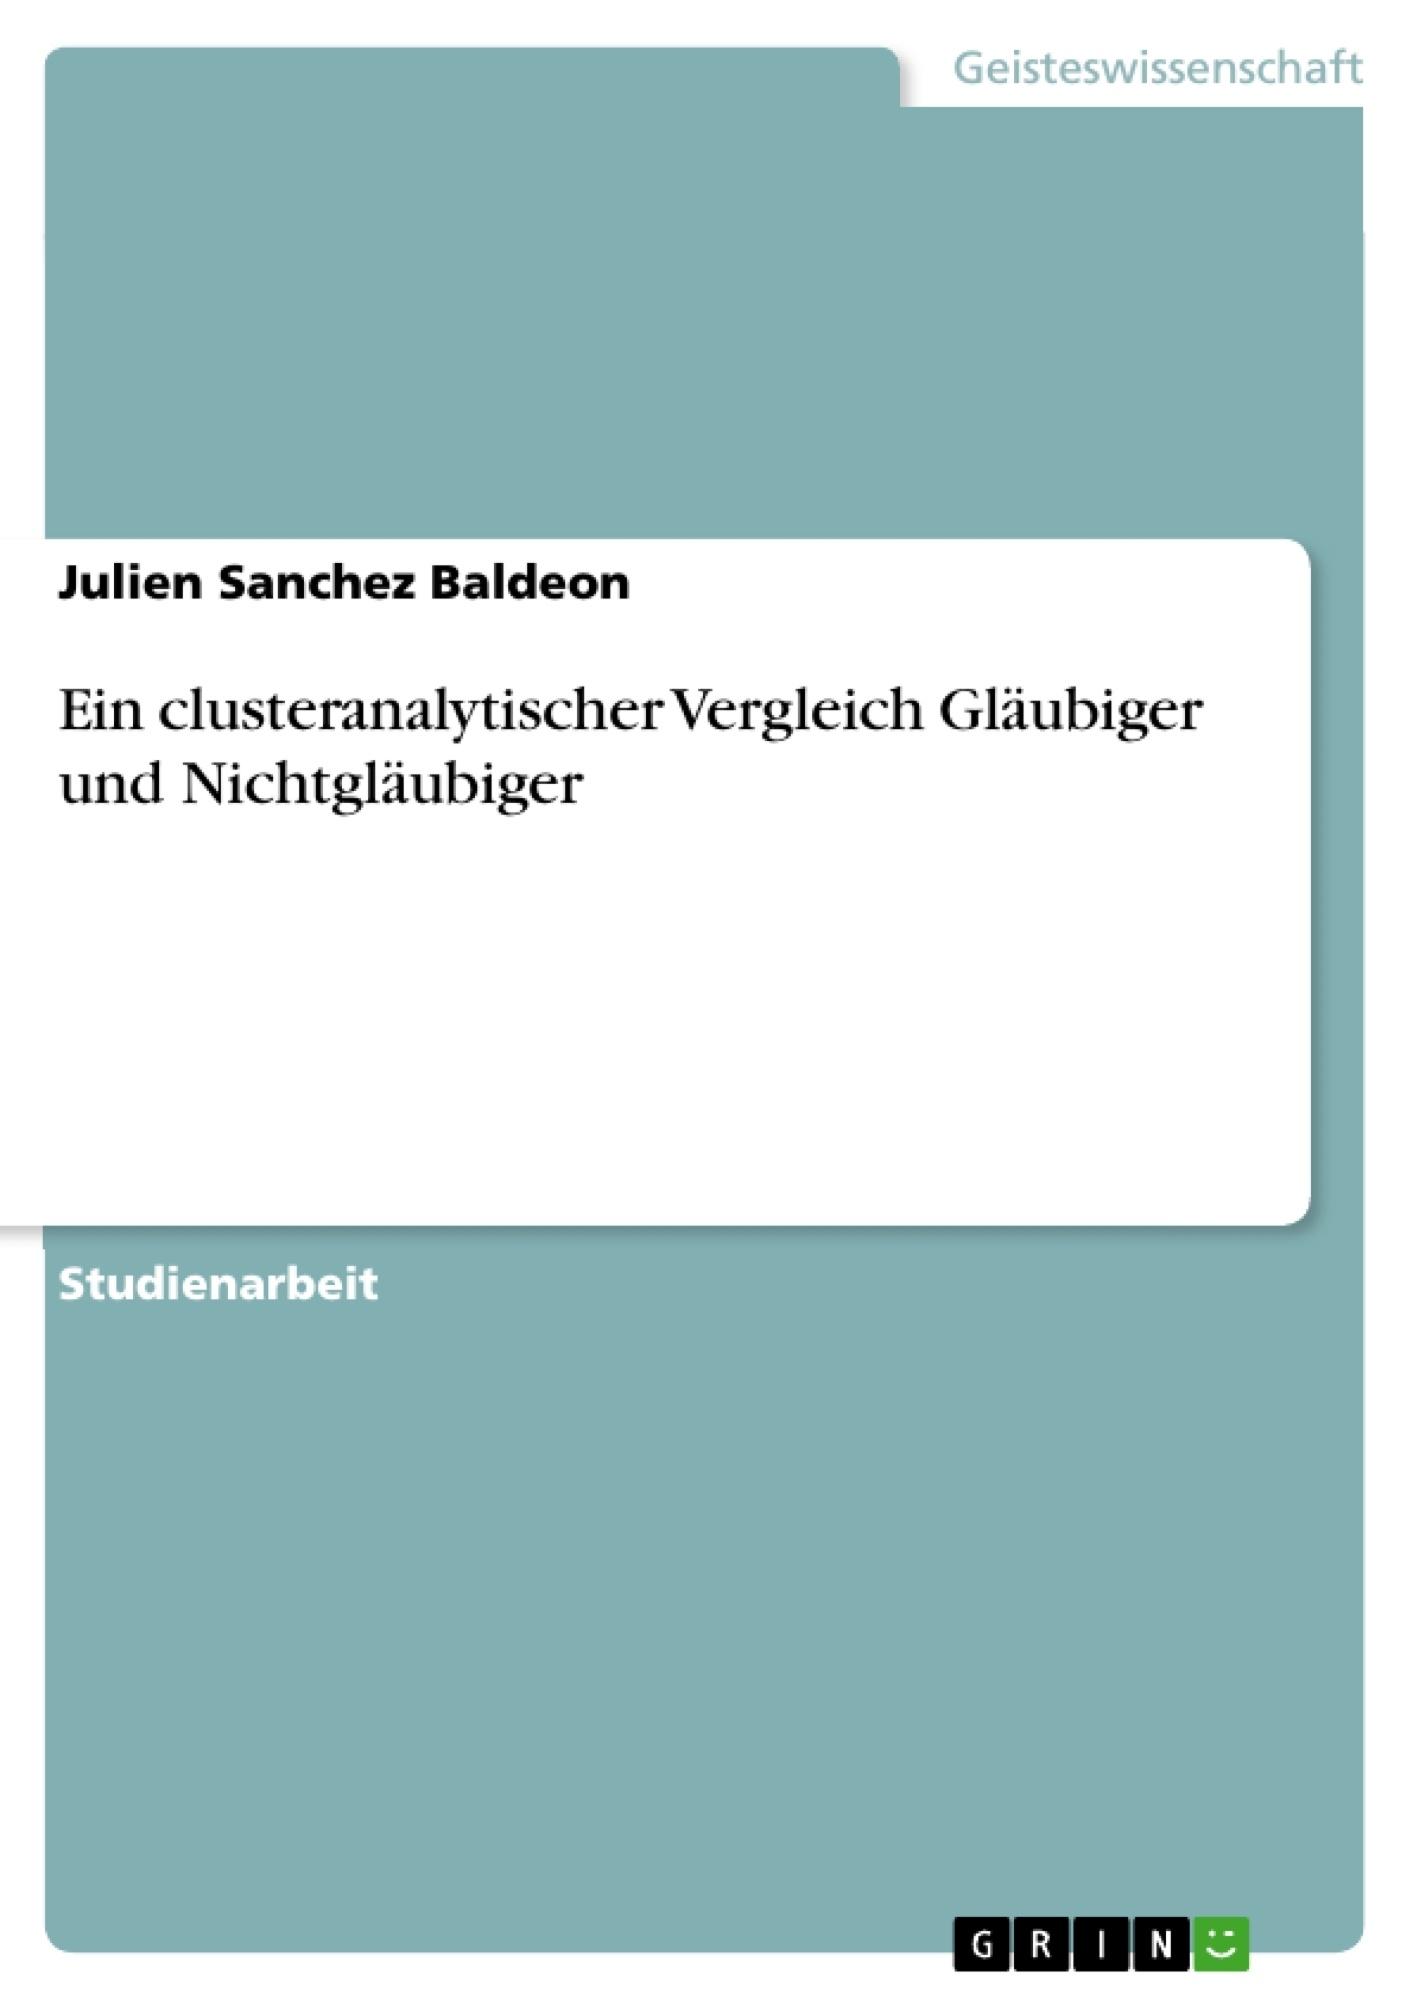 Titel: Ein clusteranalytischer Vergleich Gläubiger und Nichtgläubiger